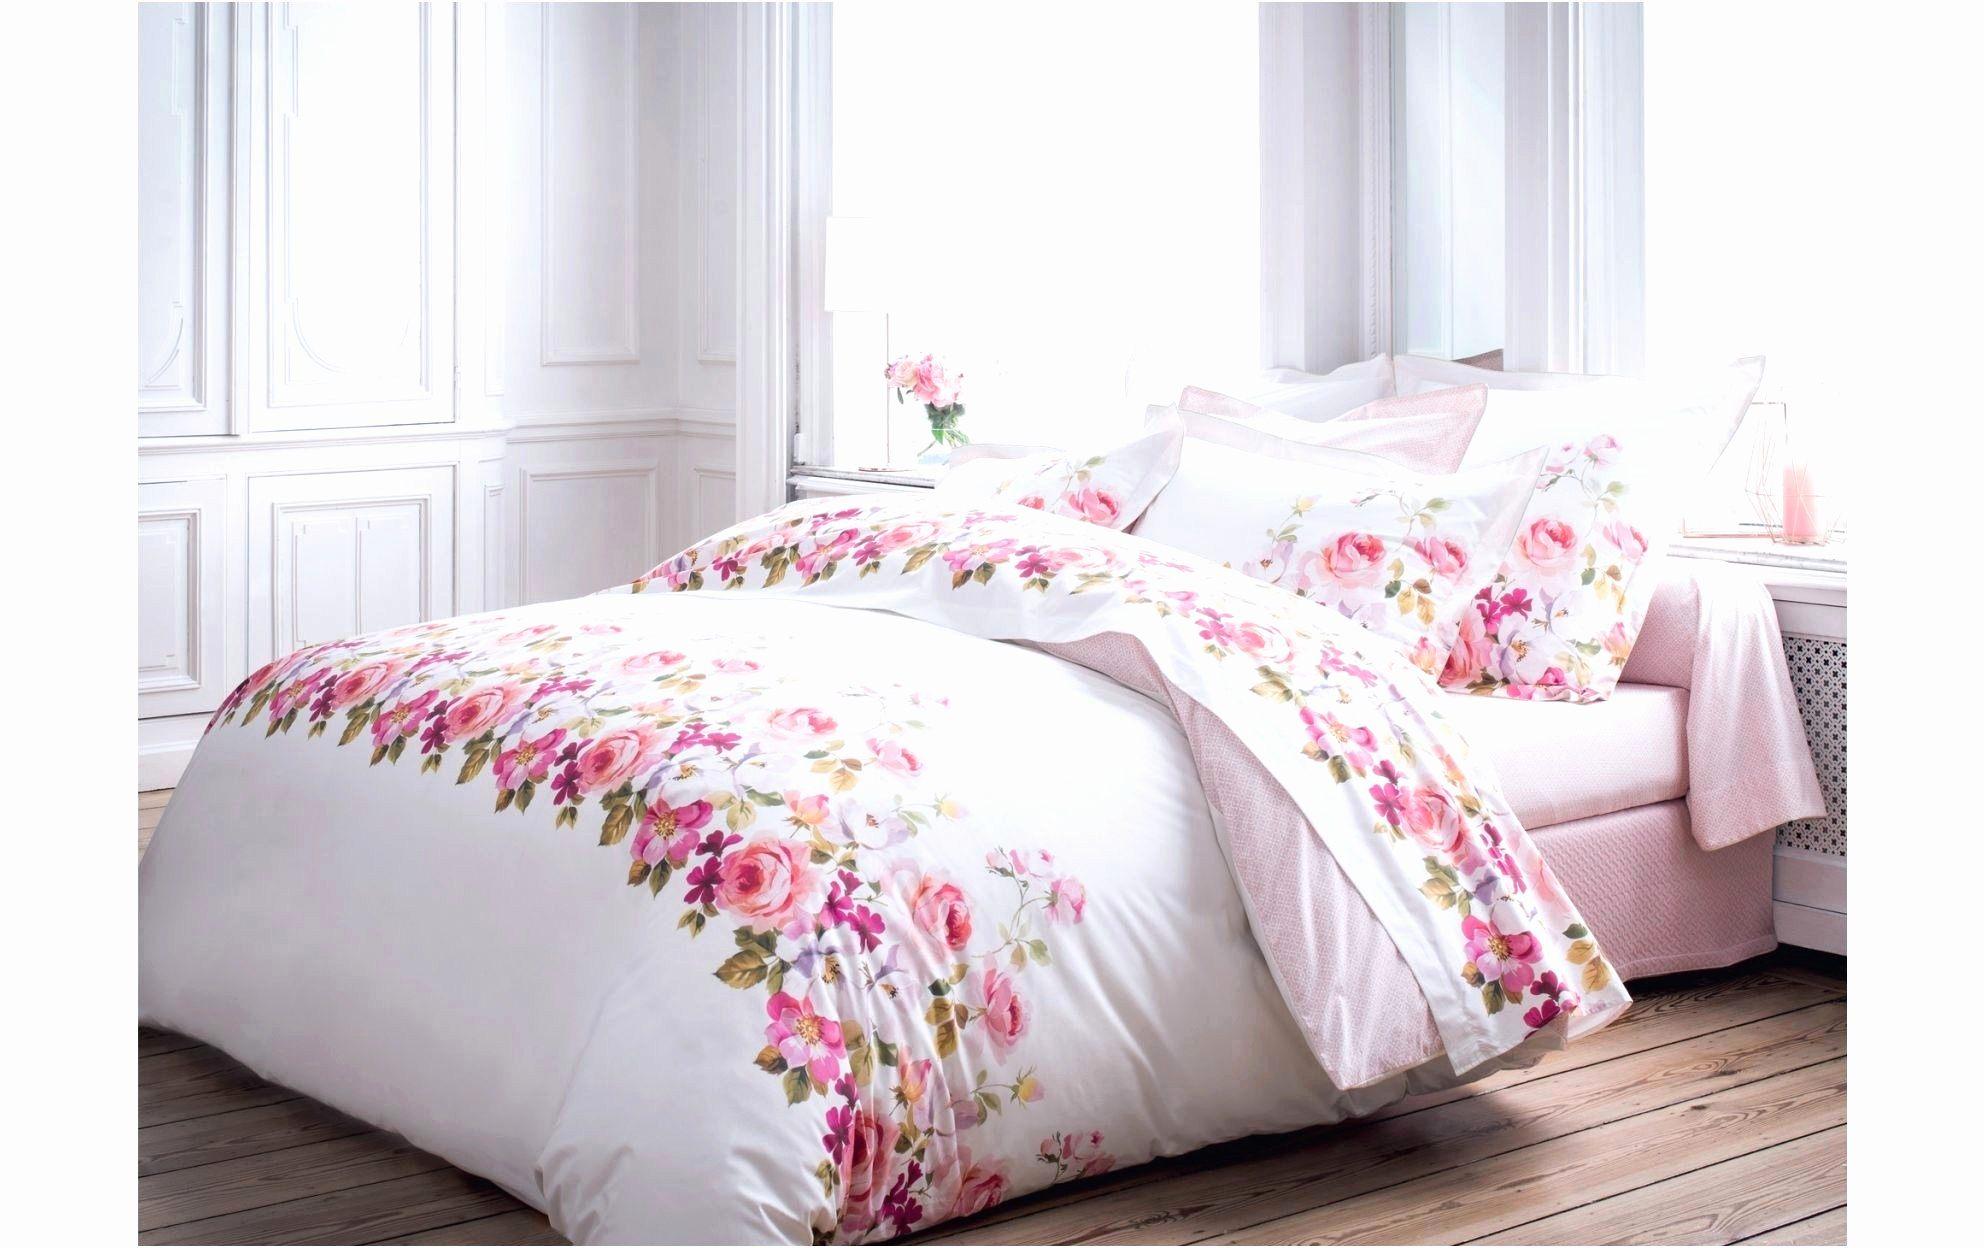 Parure Lit 200×200 Impressionnant Ikea Housse De Couette 200—200 Luxe 77 Frais S De Drap Housse 140